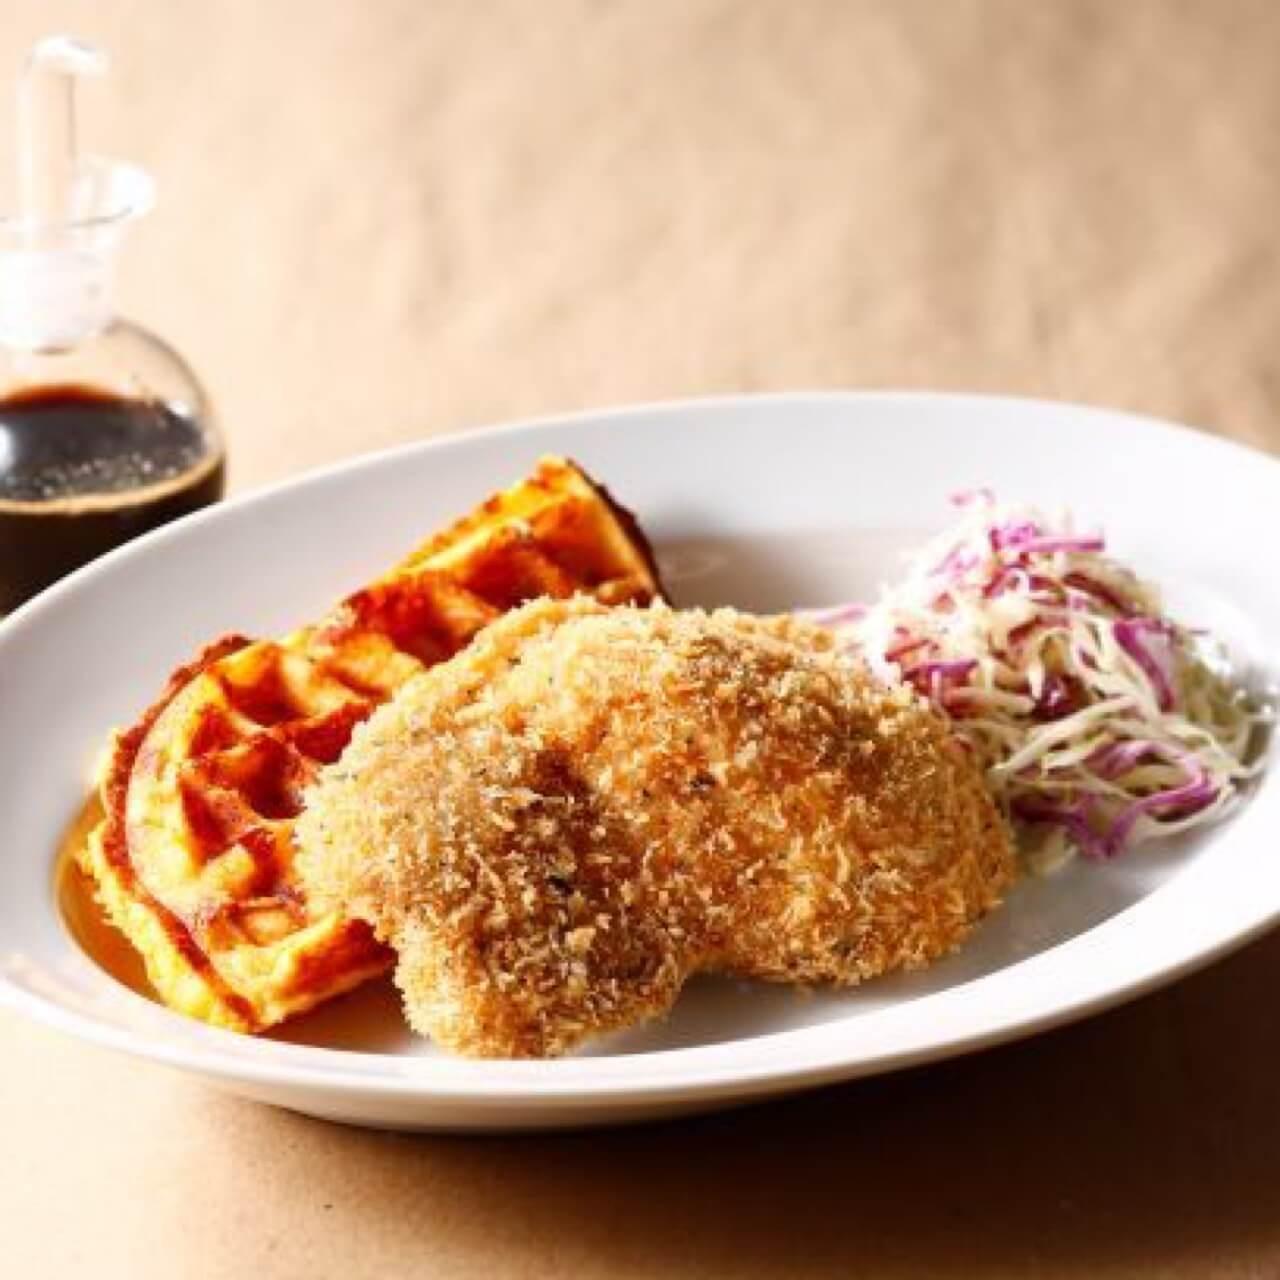 ブルックリンの家庭料理を横浜で味わう。「バターミルク チャネル」2号店がオープン